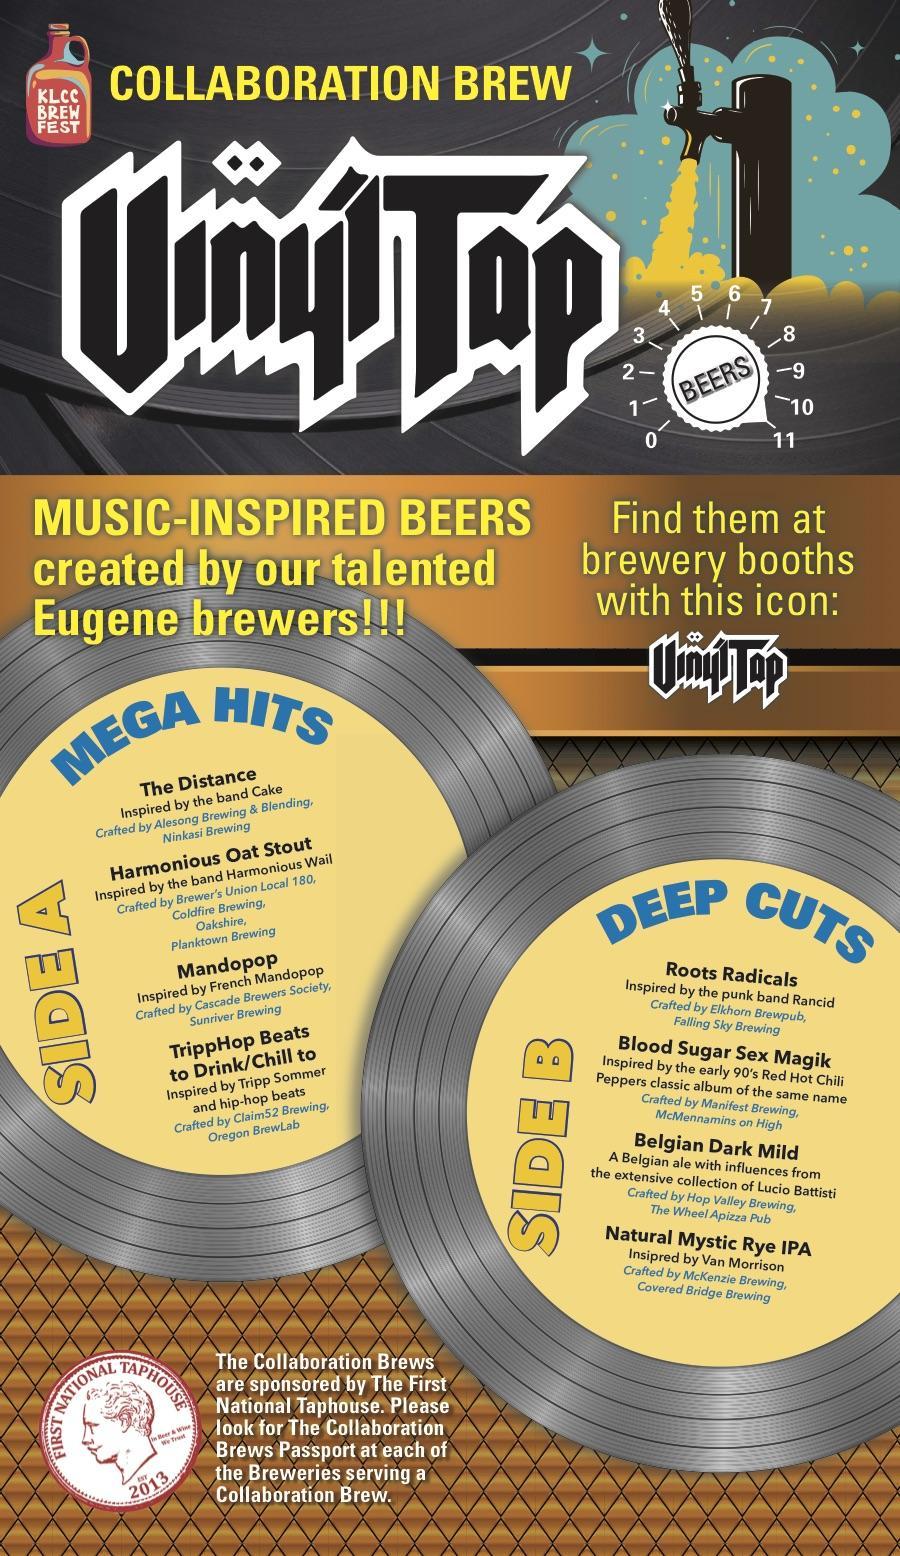 KLCC Brew Fest Vinyl Tap 2020